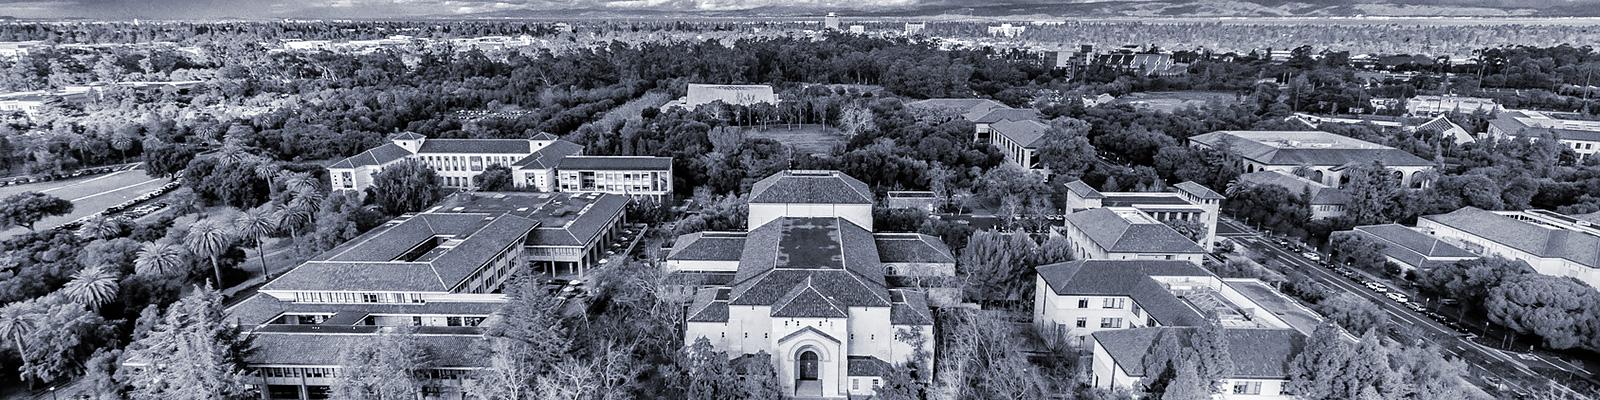 スタンフォード 大学 イメージ